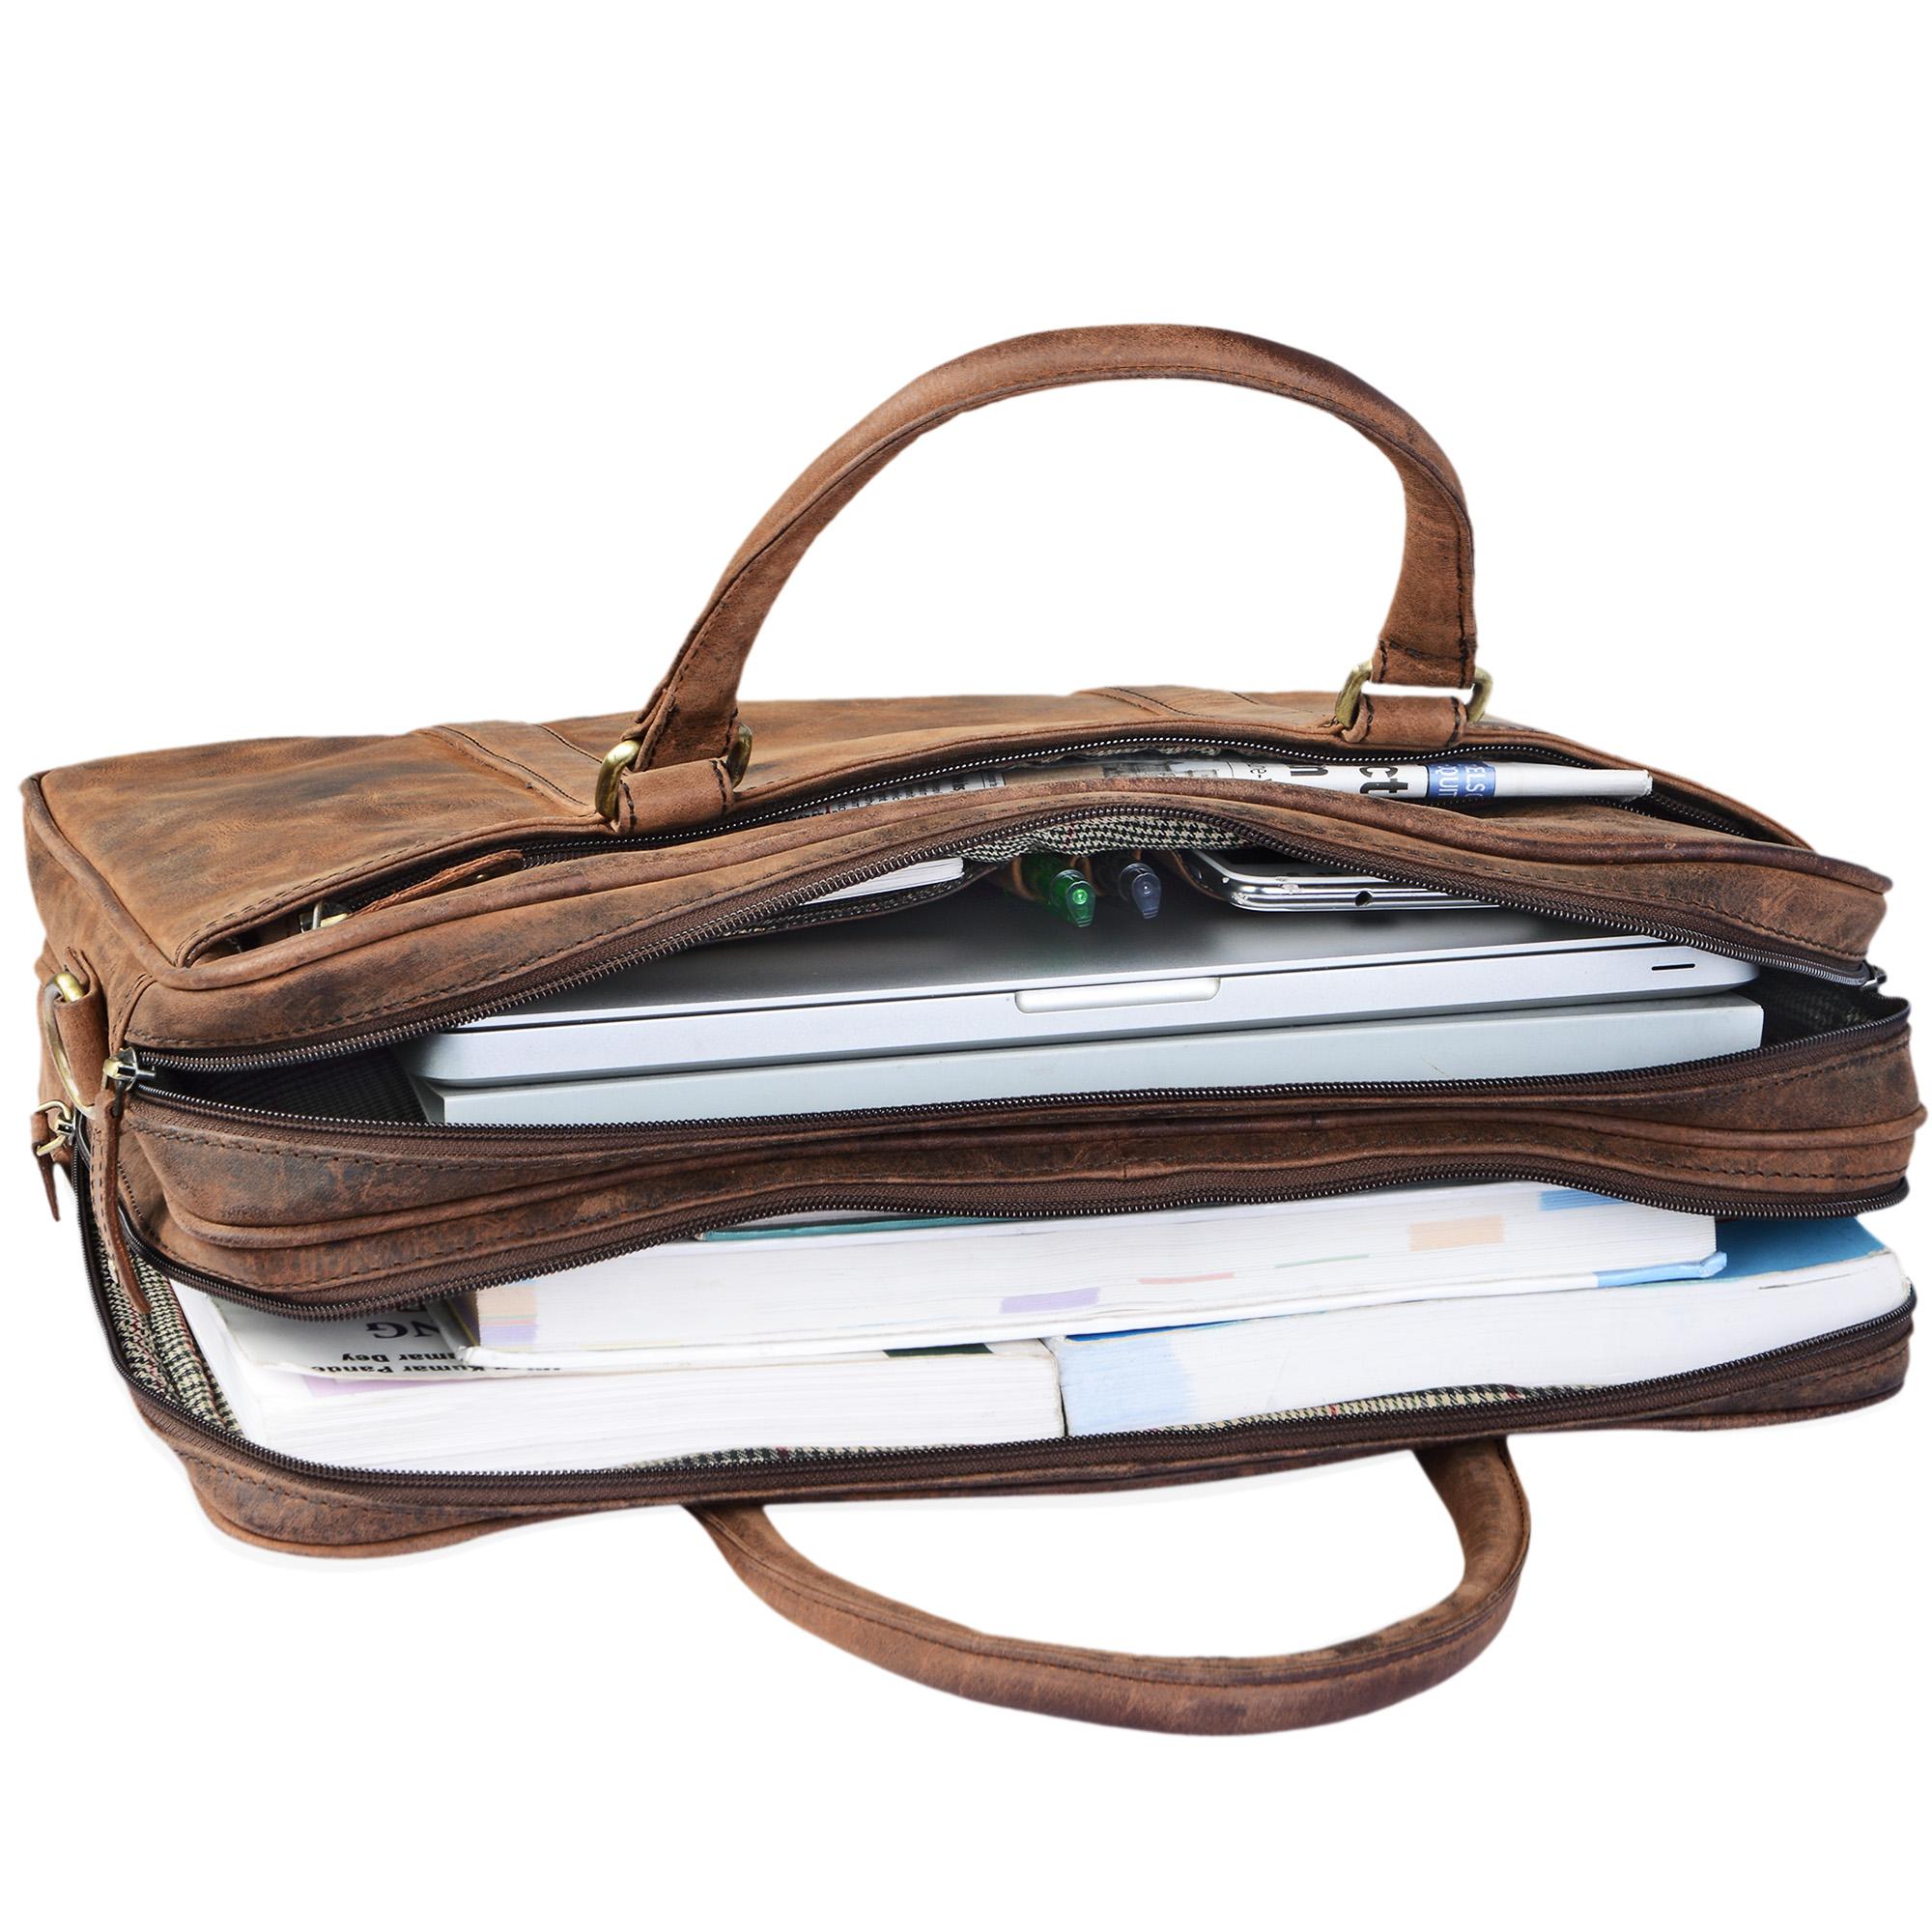 """STILORD """"Dante"""" Businesstasche Leder groß elegante Aktentasche Umhängetasche Schultertasche 15.6 Zoll Office Büro echtes Rindsleder  - Bild 13"""